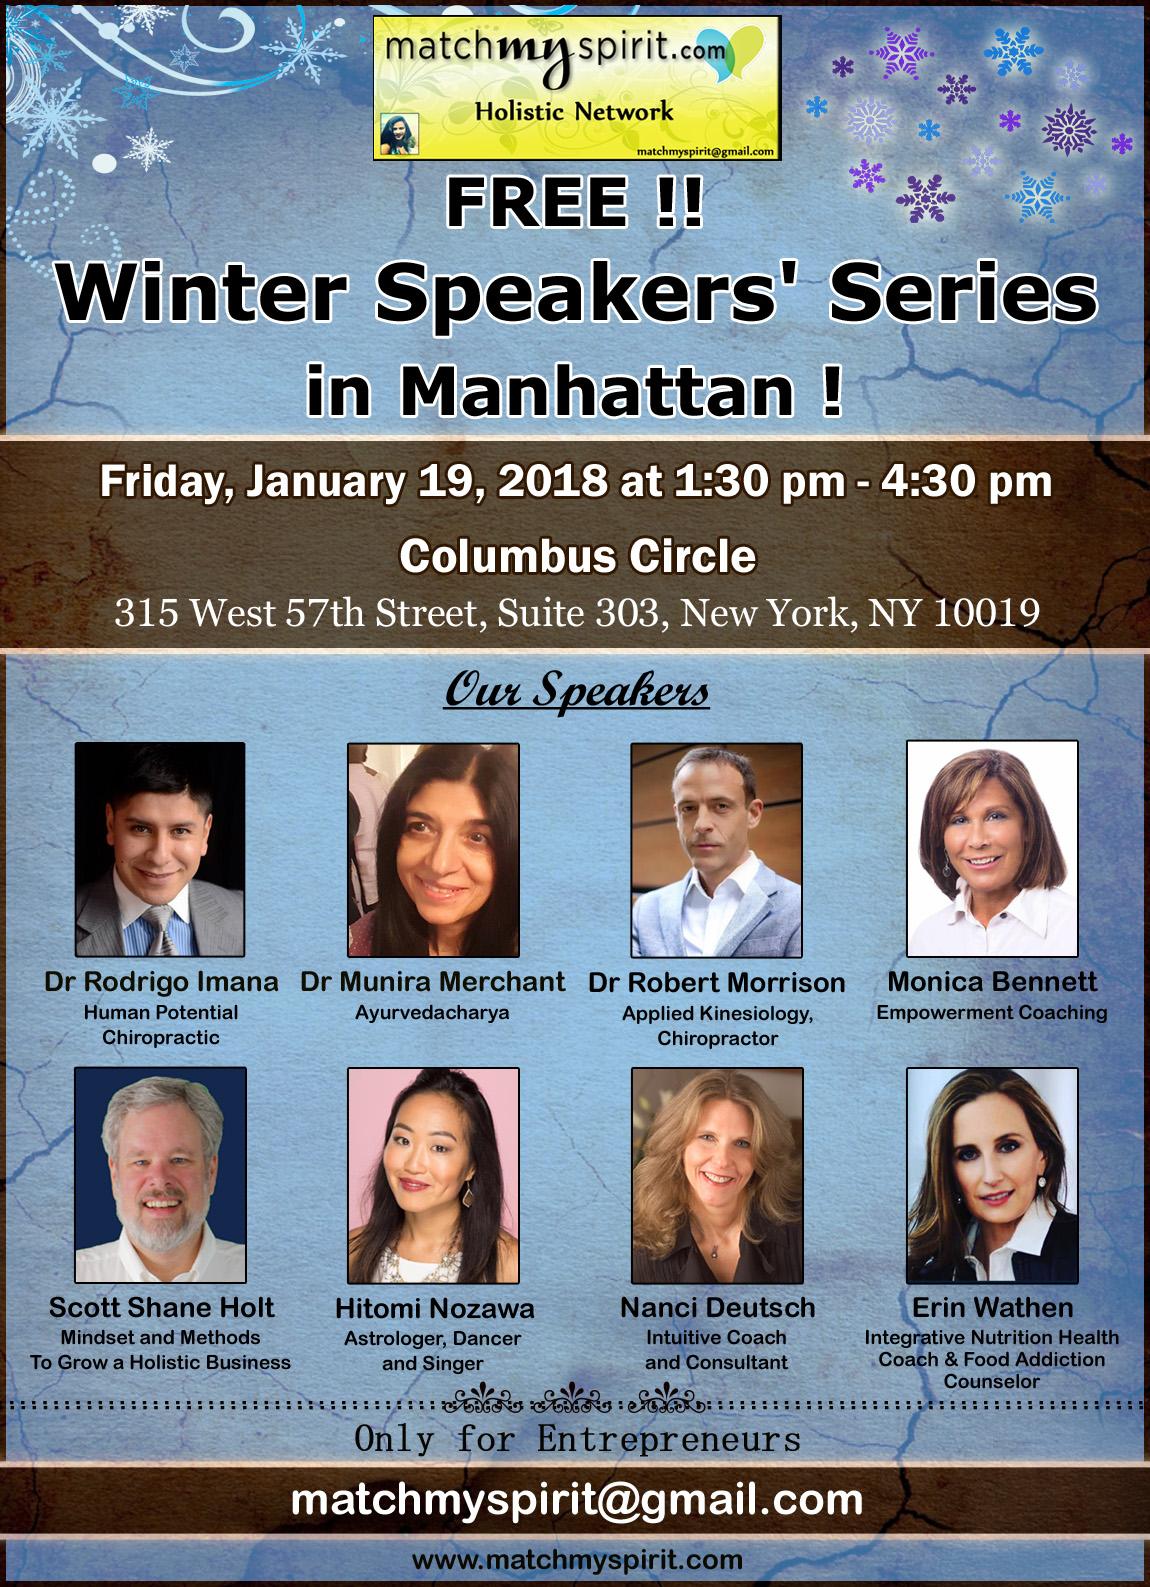 FREE!! Winter Speakers' Series in Manhattan !